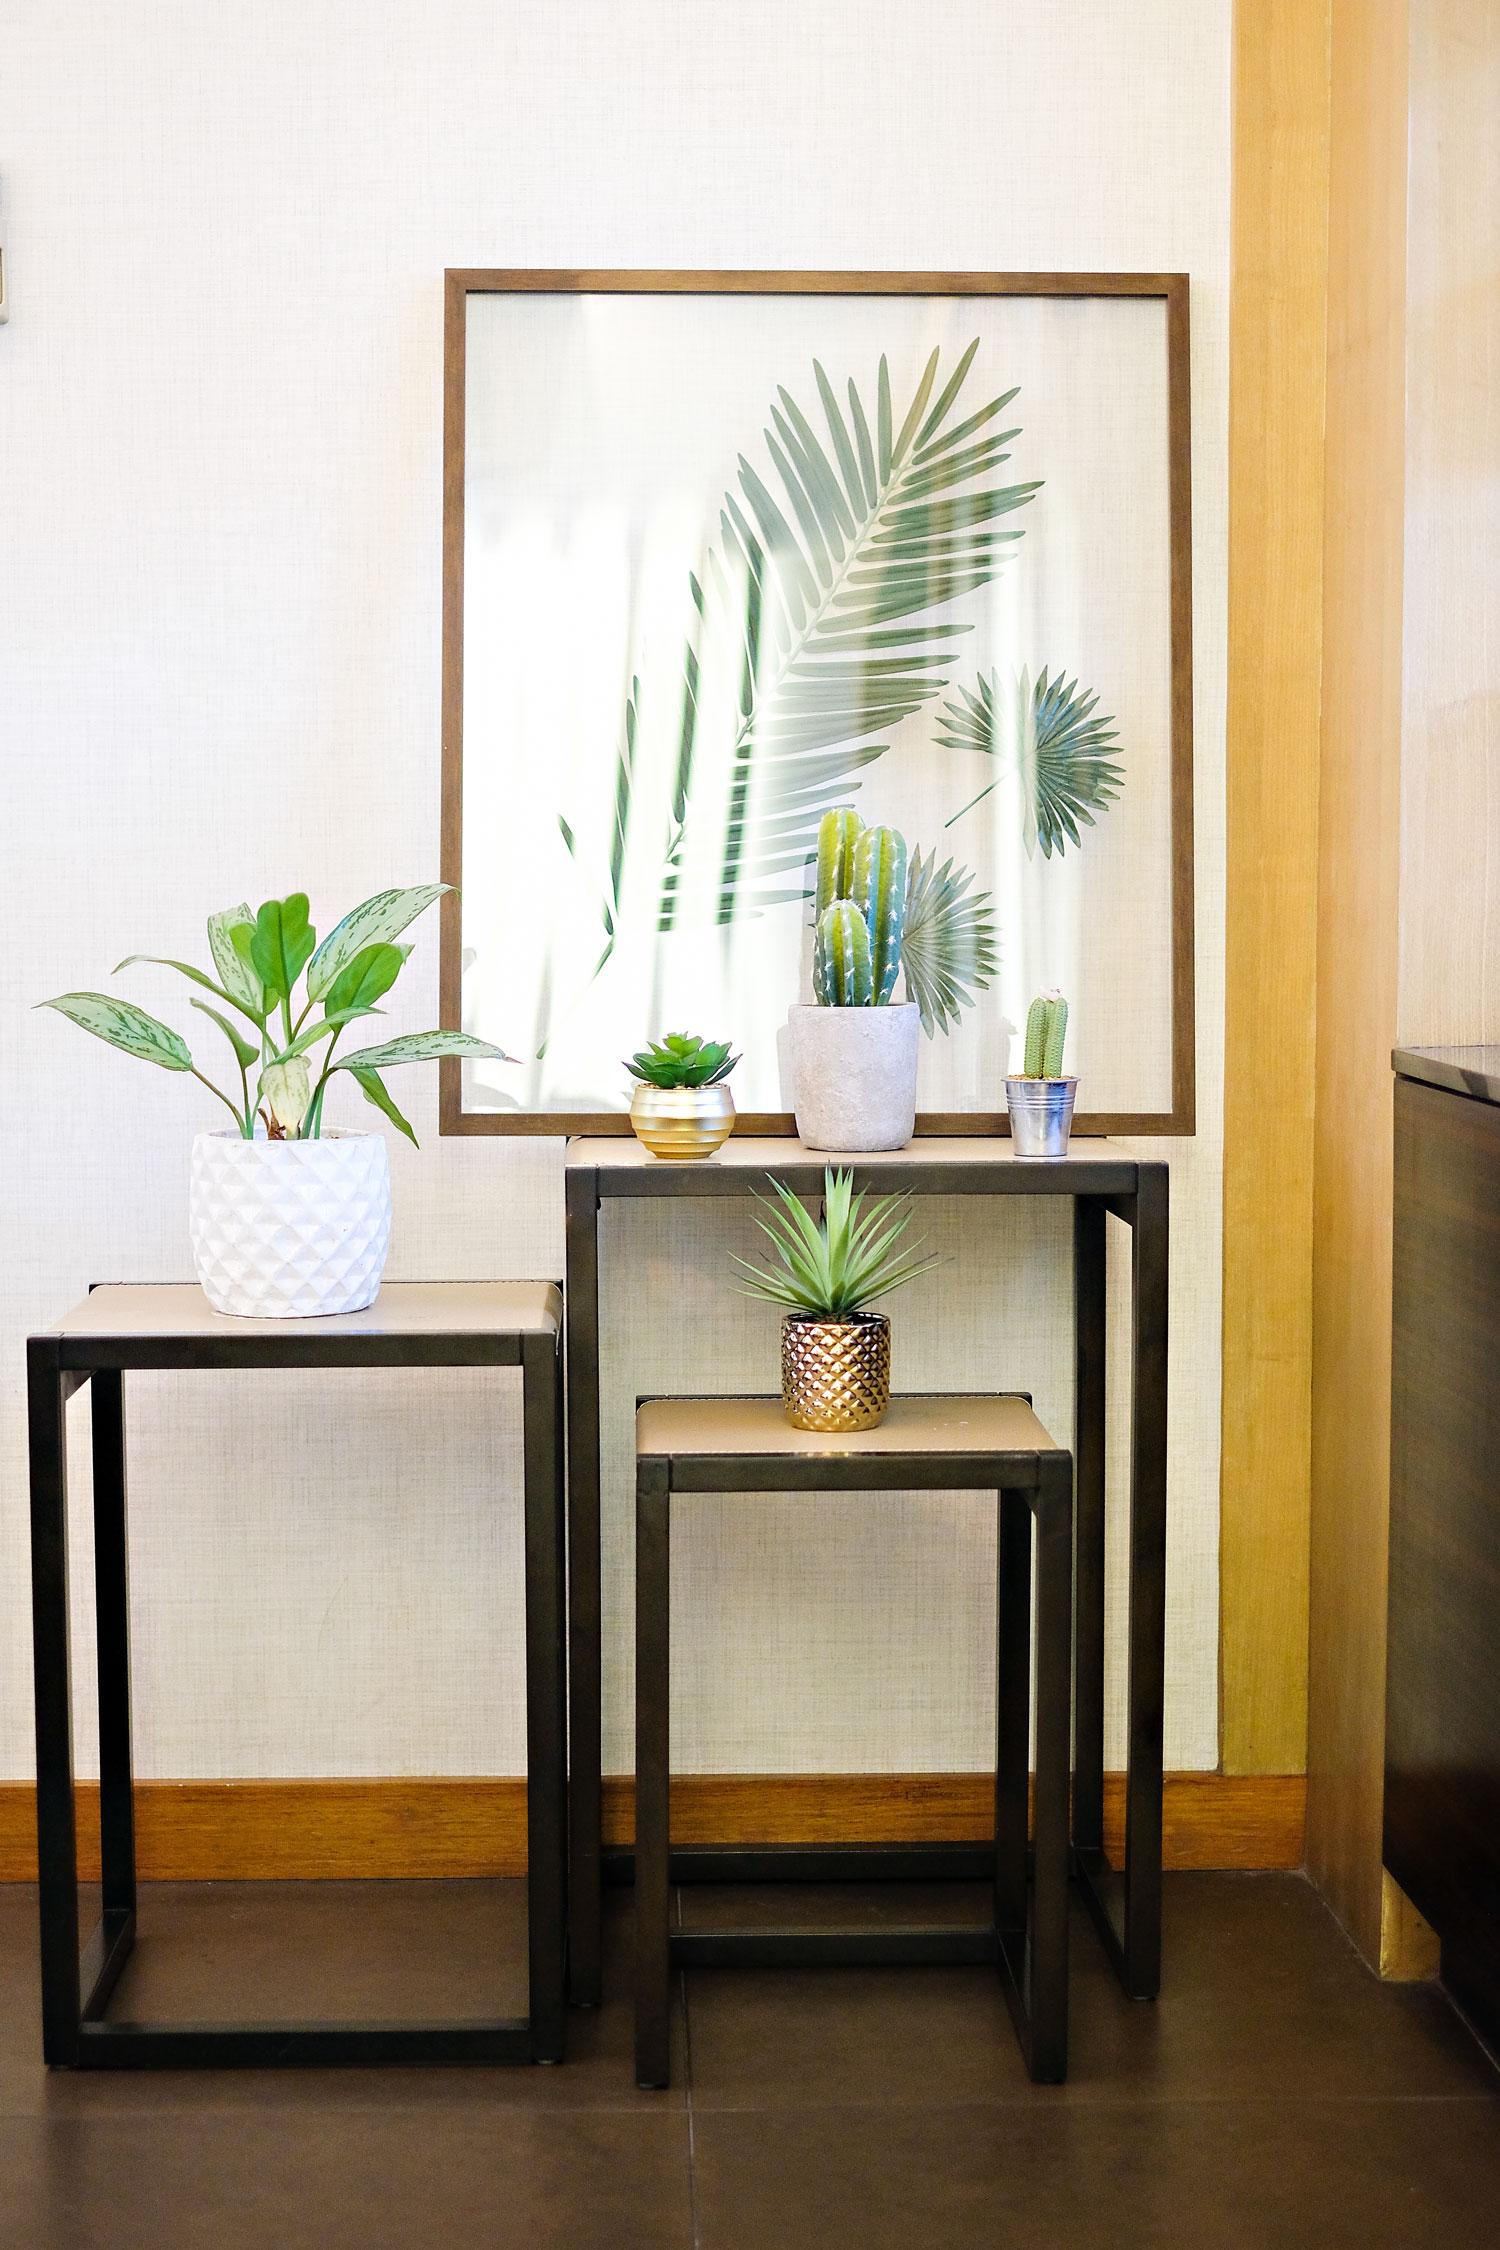 Atendido-dining-room.jpg